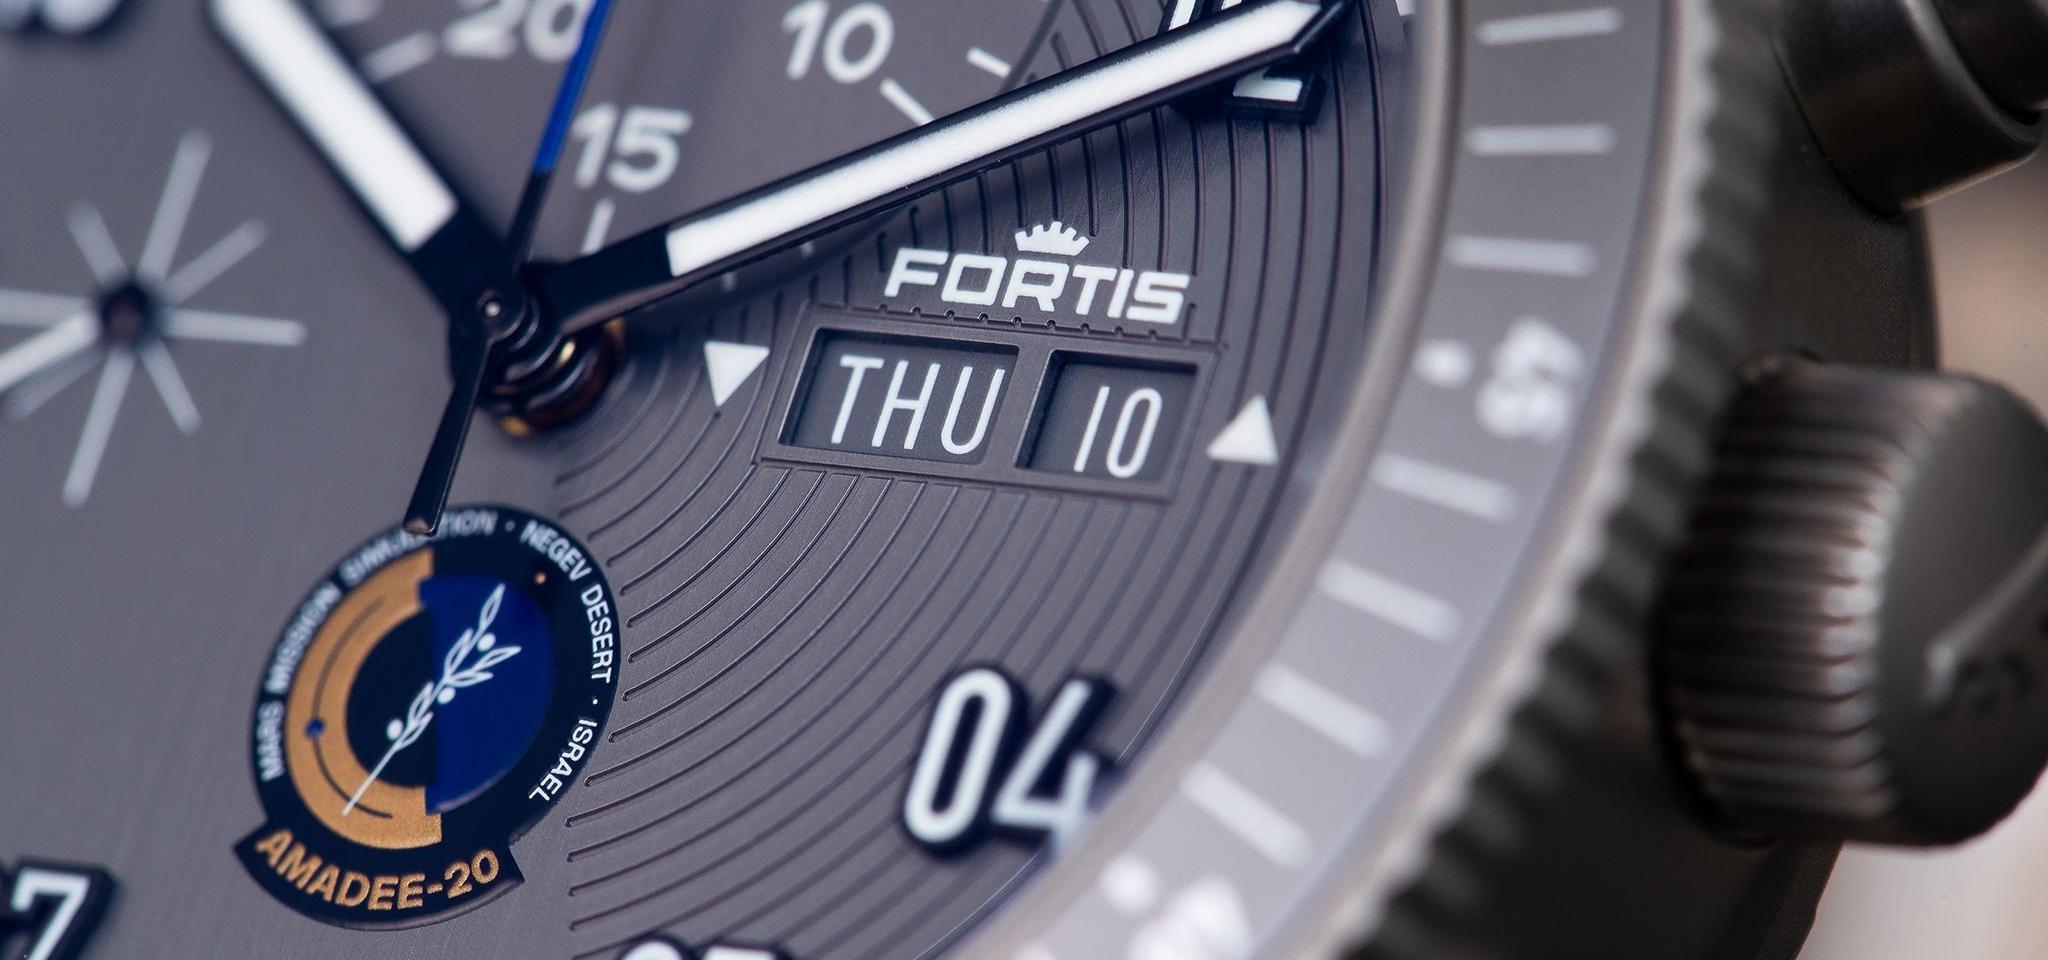 Erforschung neuer Welten: Warum die Fortis Official Cosmonauts Chronograph AMADEE-20 eine Uhr für zukünftige Marsianer ist